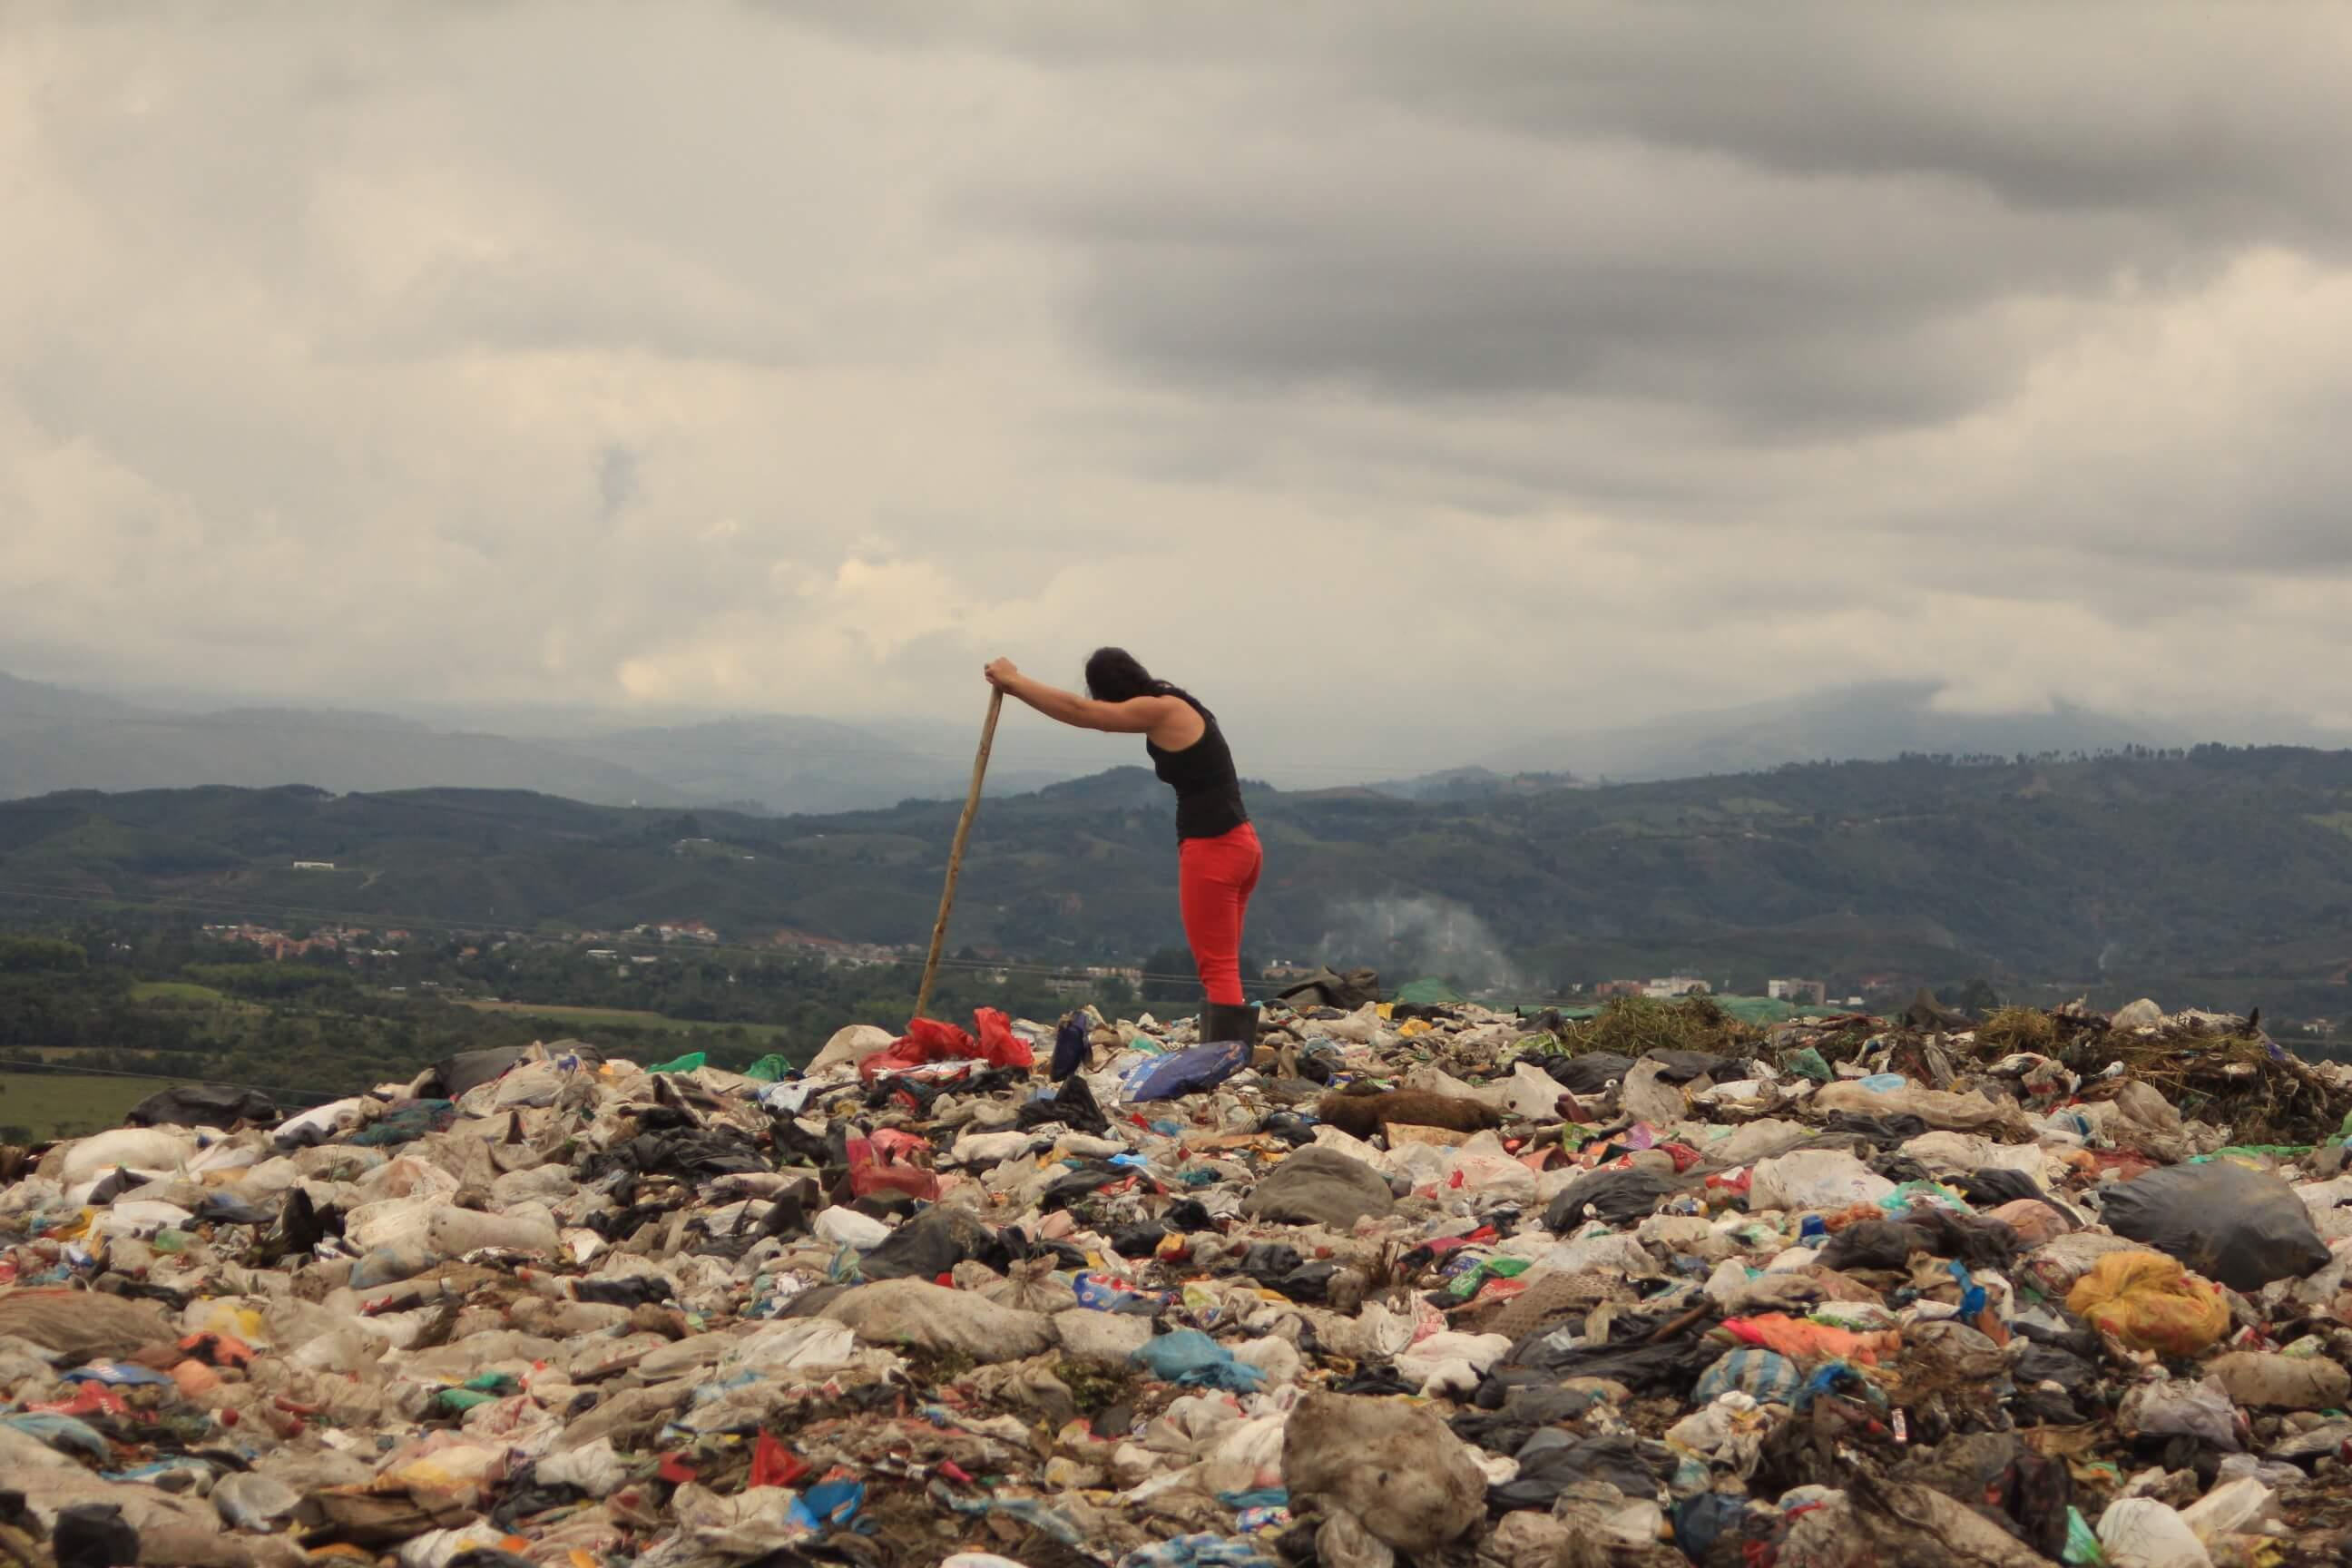 La película que se le midió a retratar la desaparición forzada en Colombia